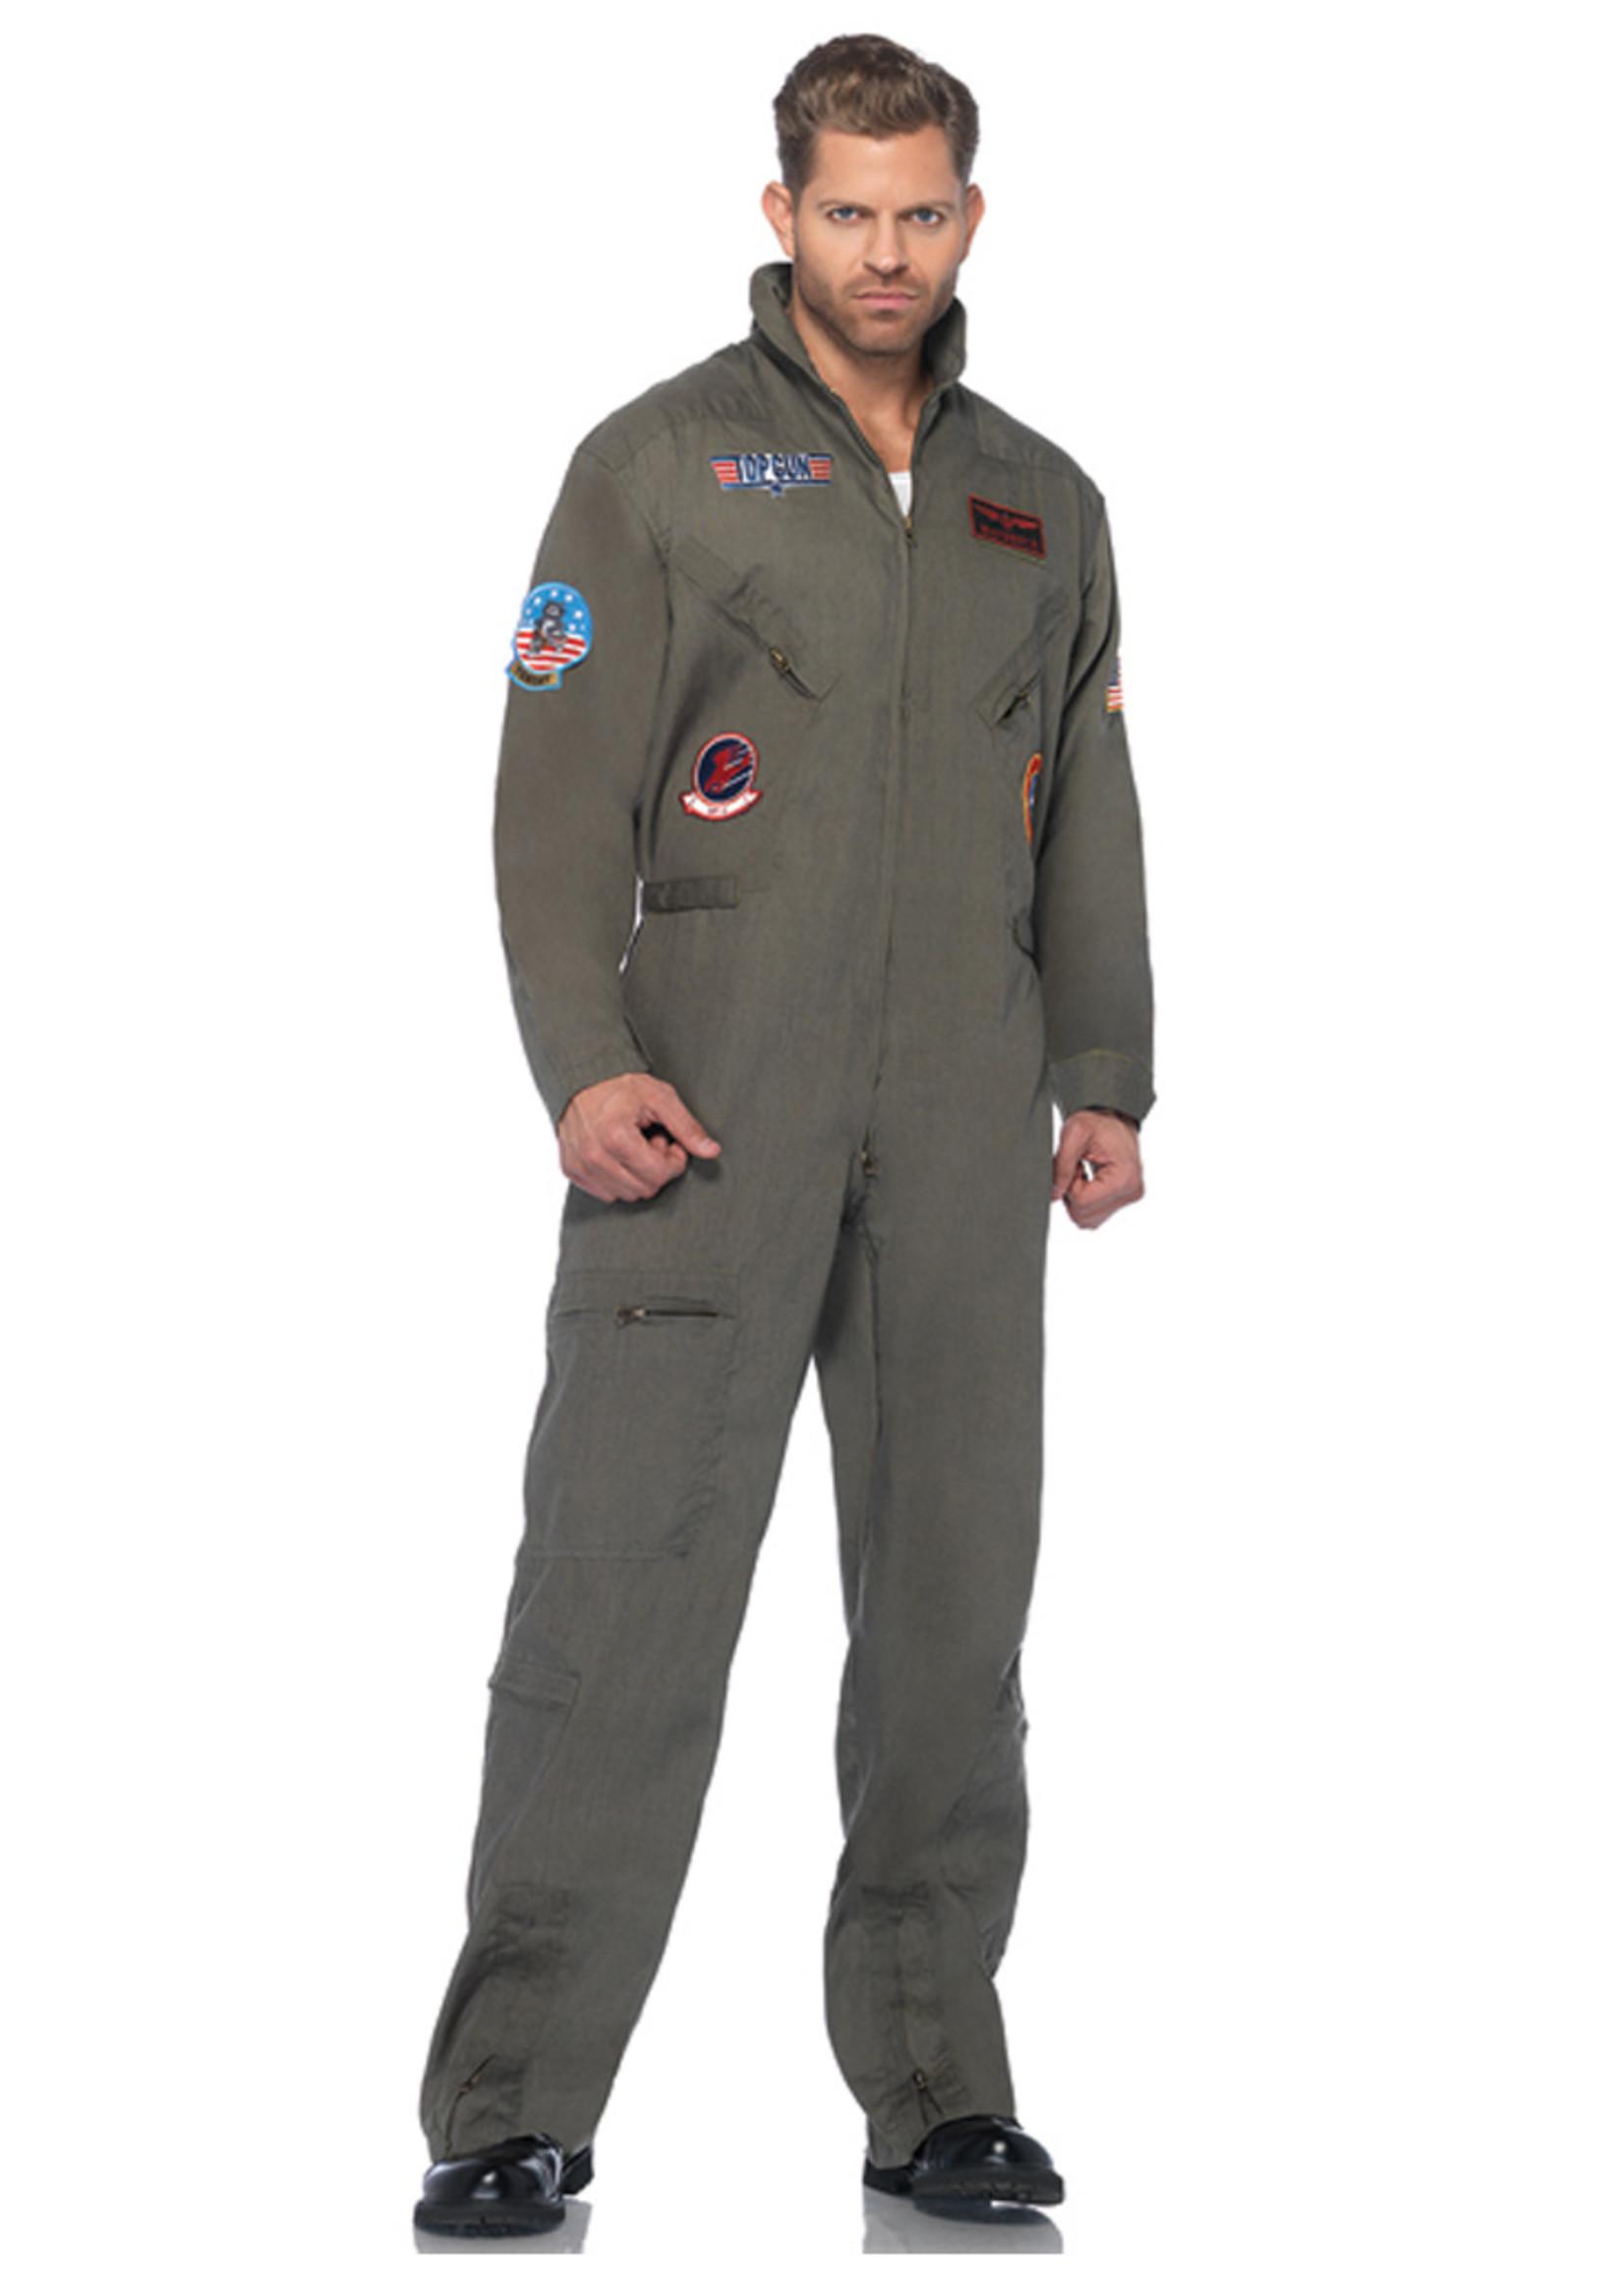 Top Gun Flight Suit Costume - Men's